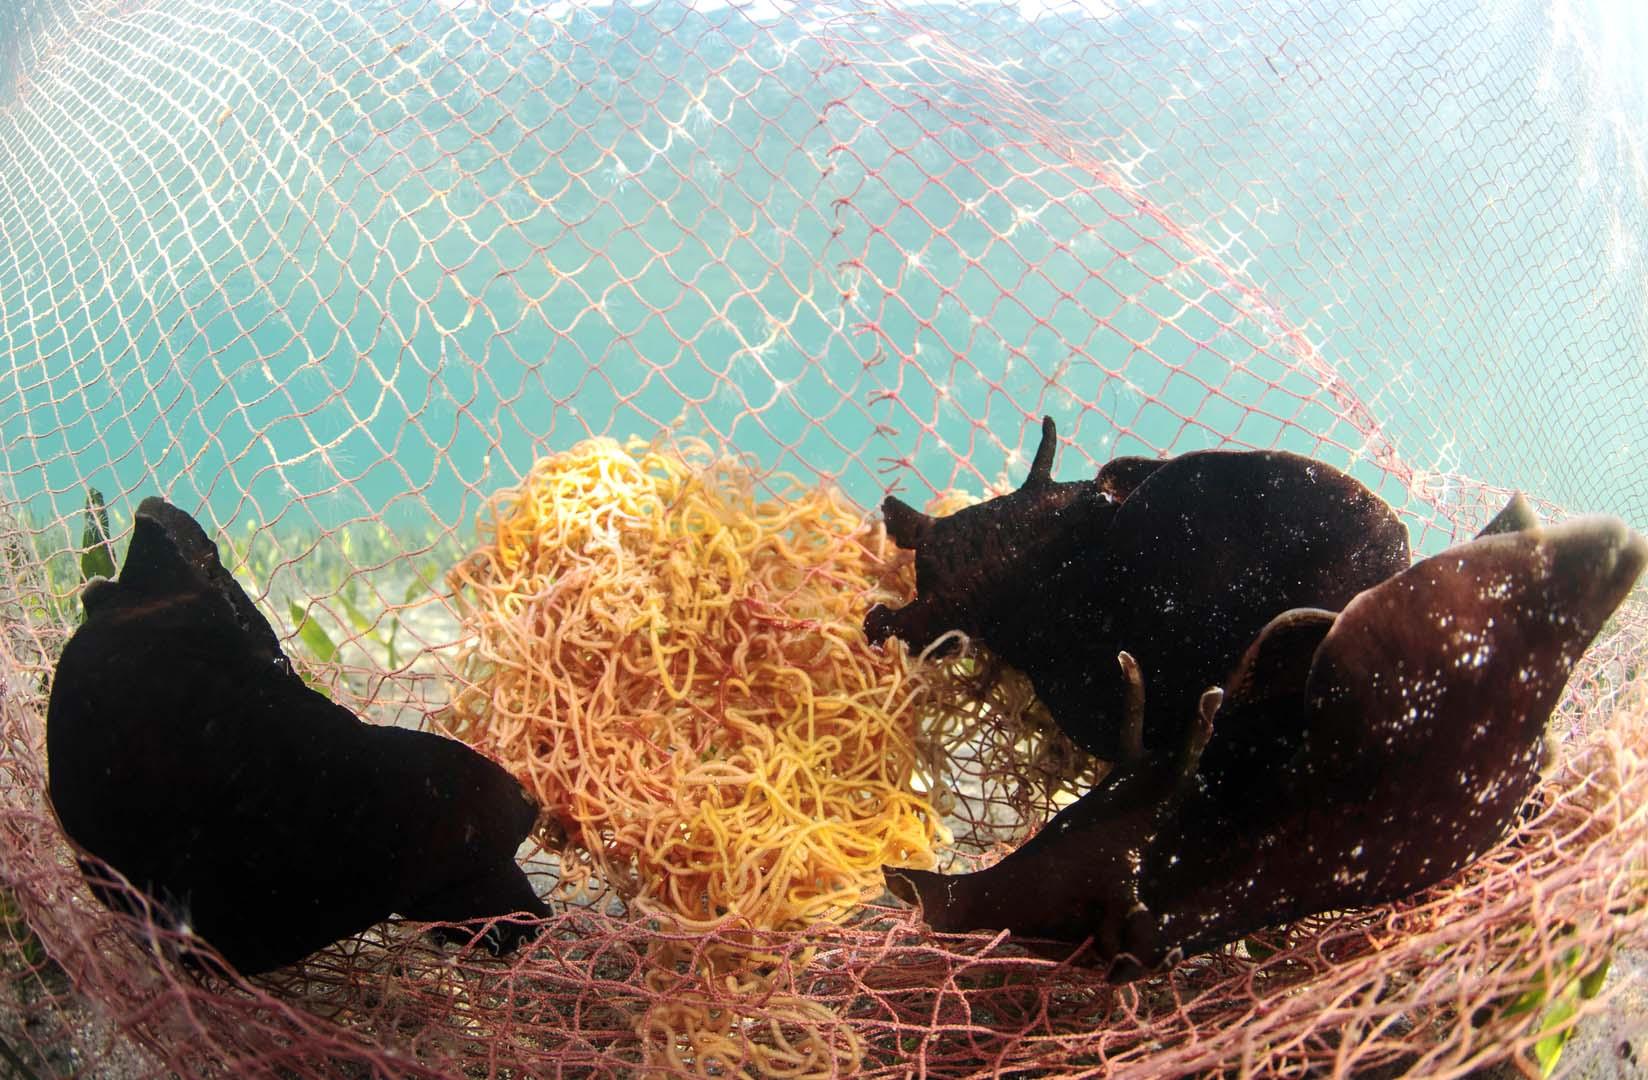 Varios ejemplares depositando la puesta sobre las redes de pesca.